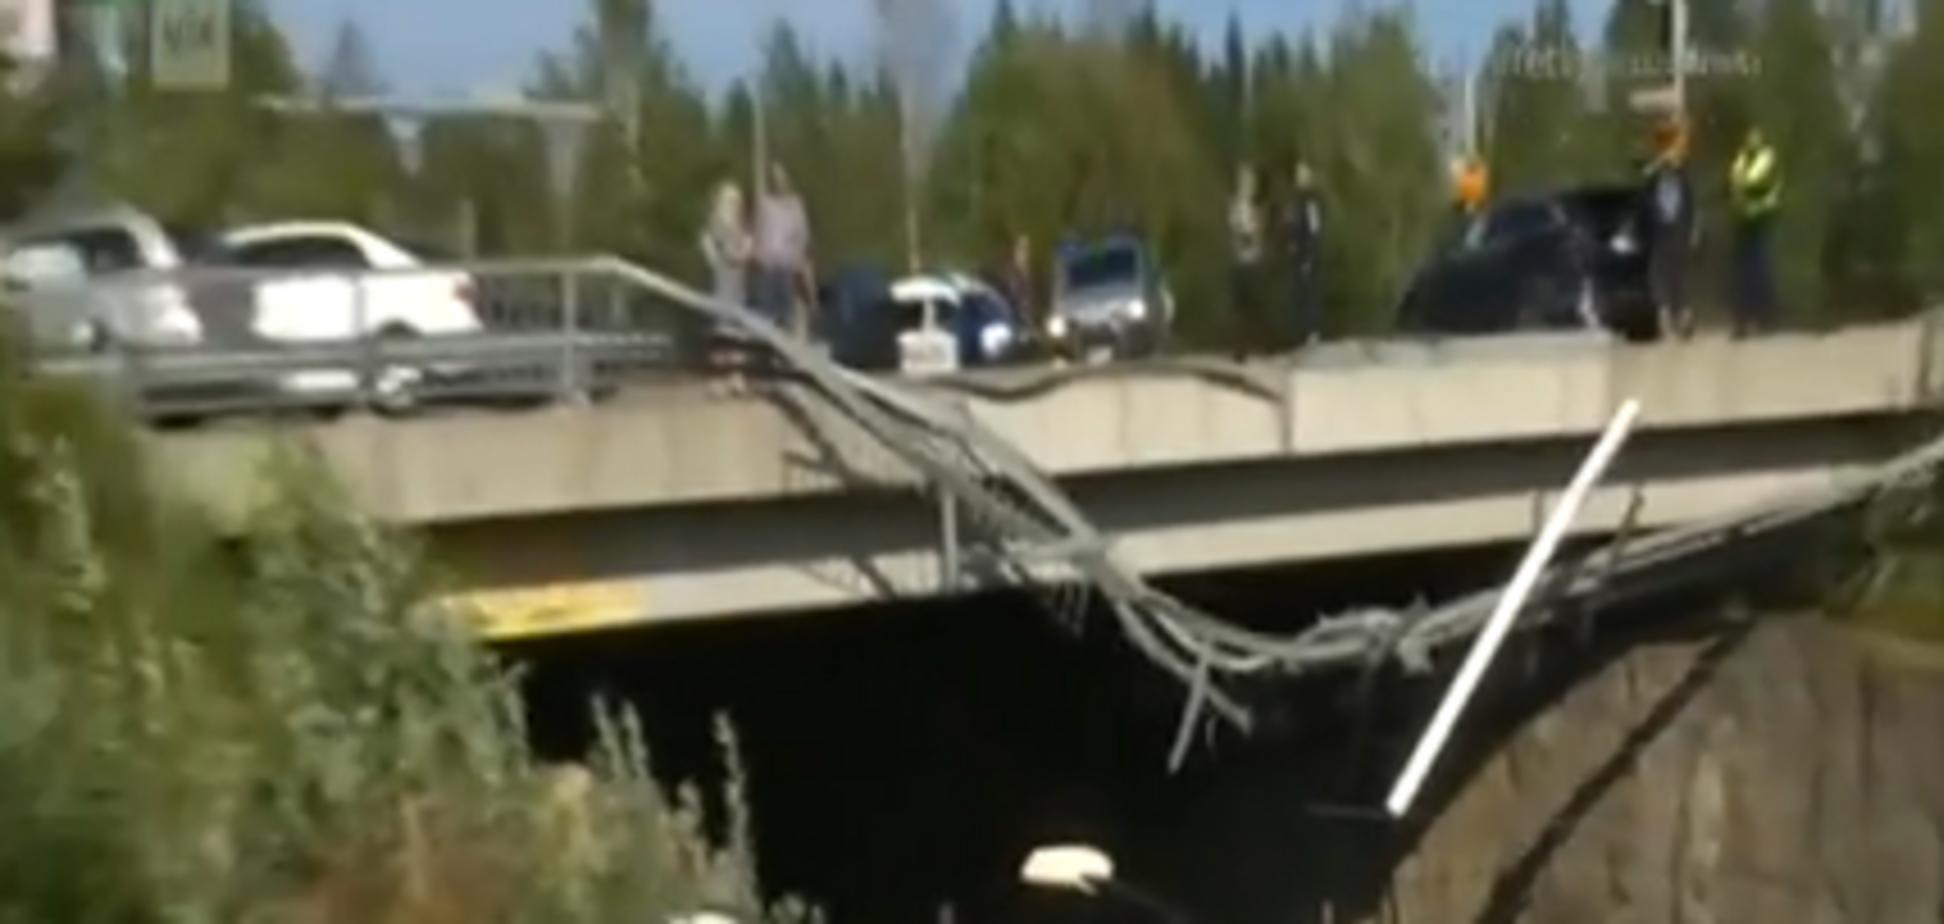 У Фінляндії розбився автобус із туристами: 4 загиблих, 20 поранених. Усі подробиці